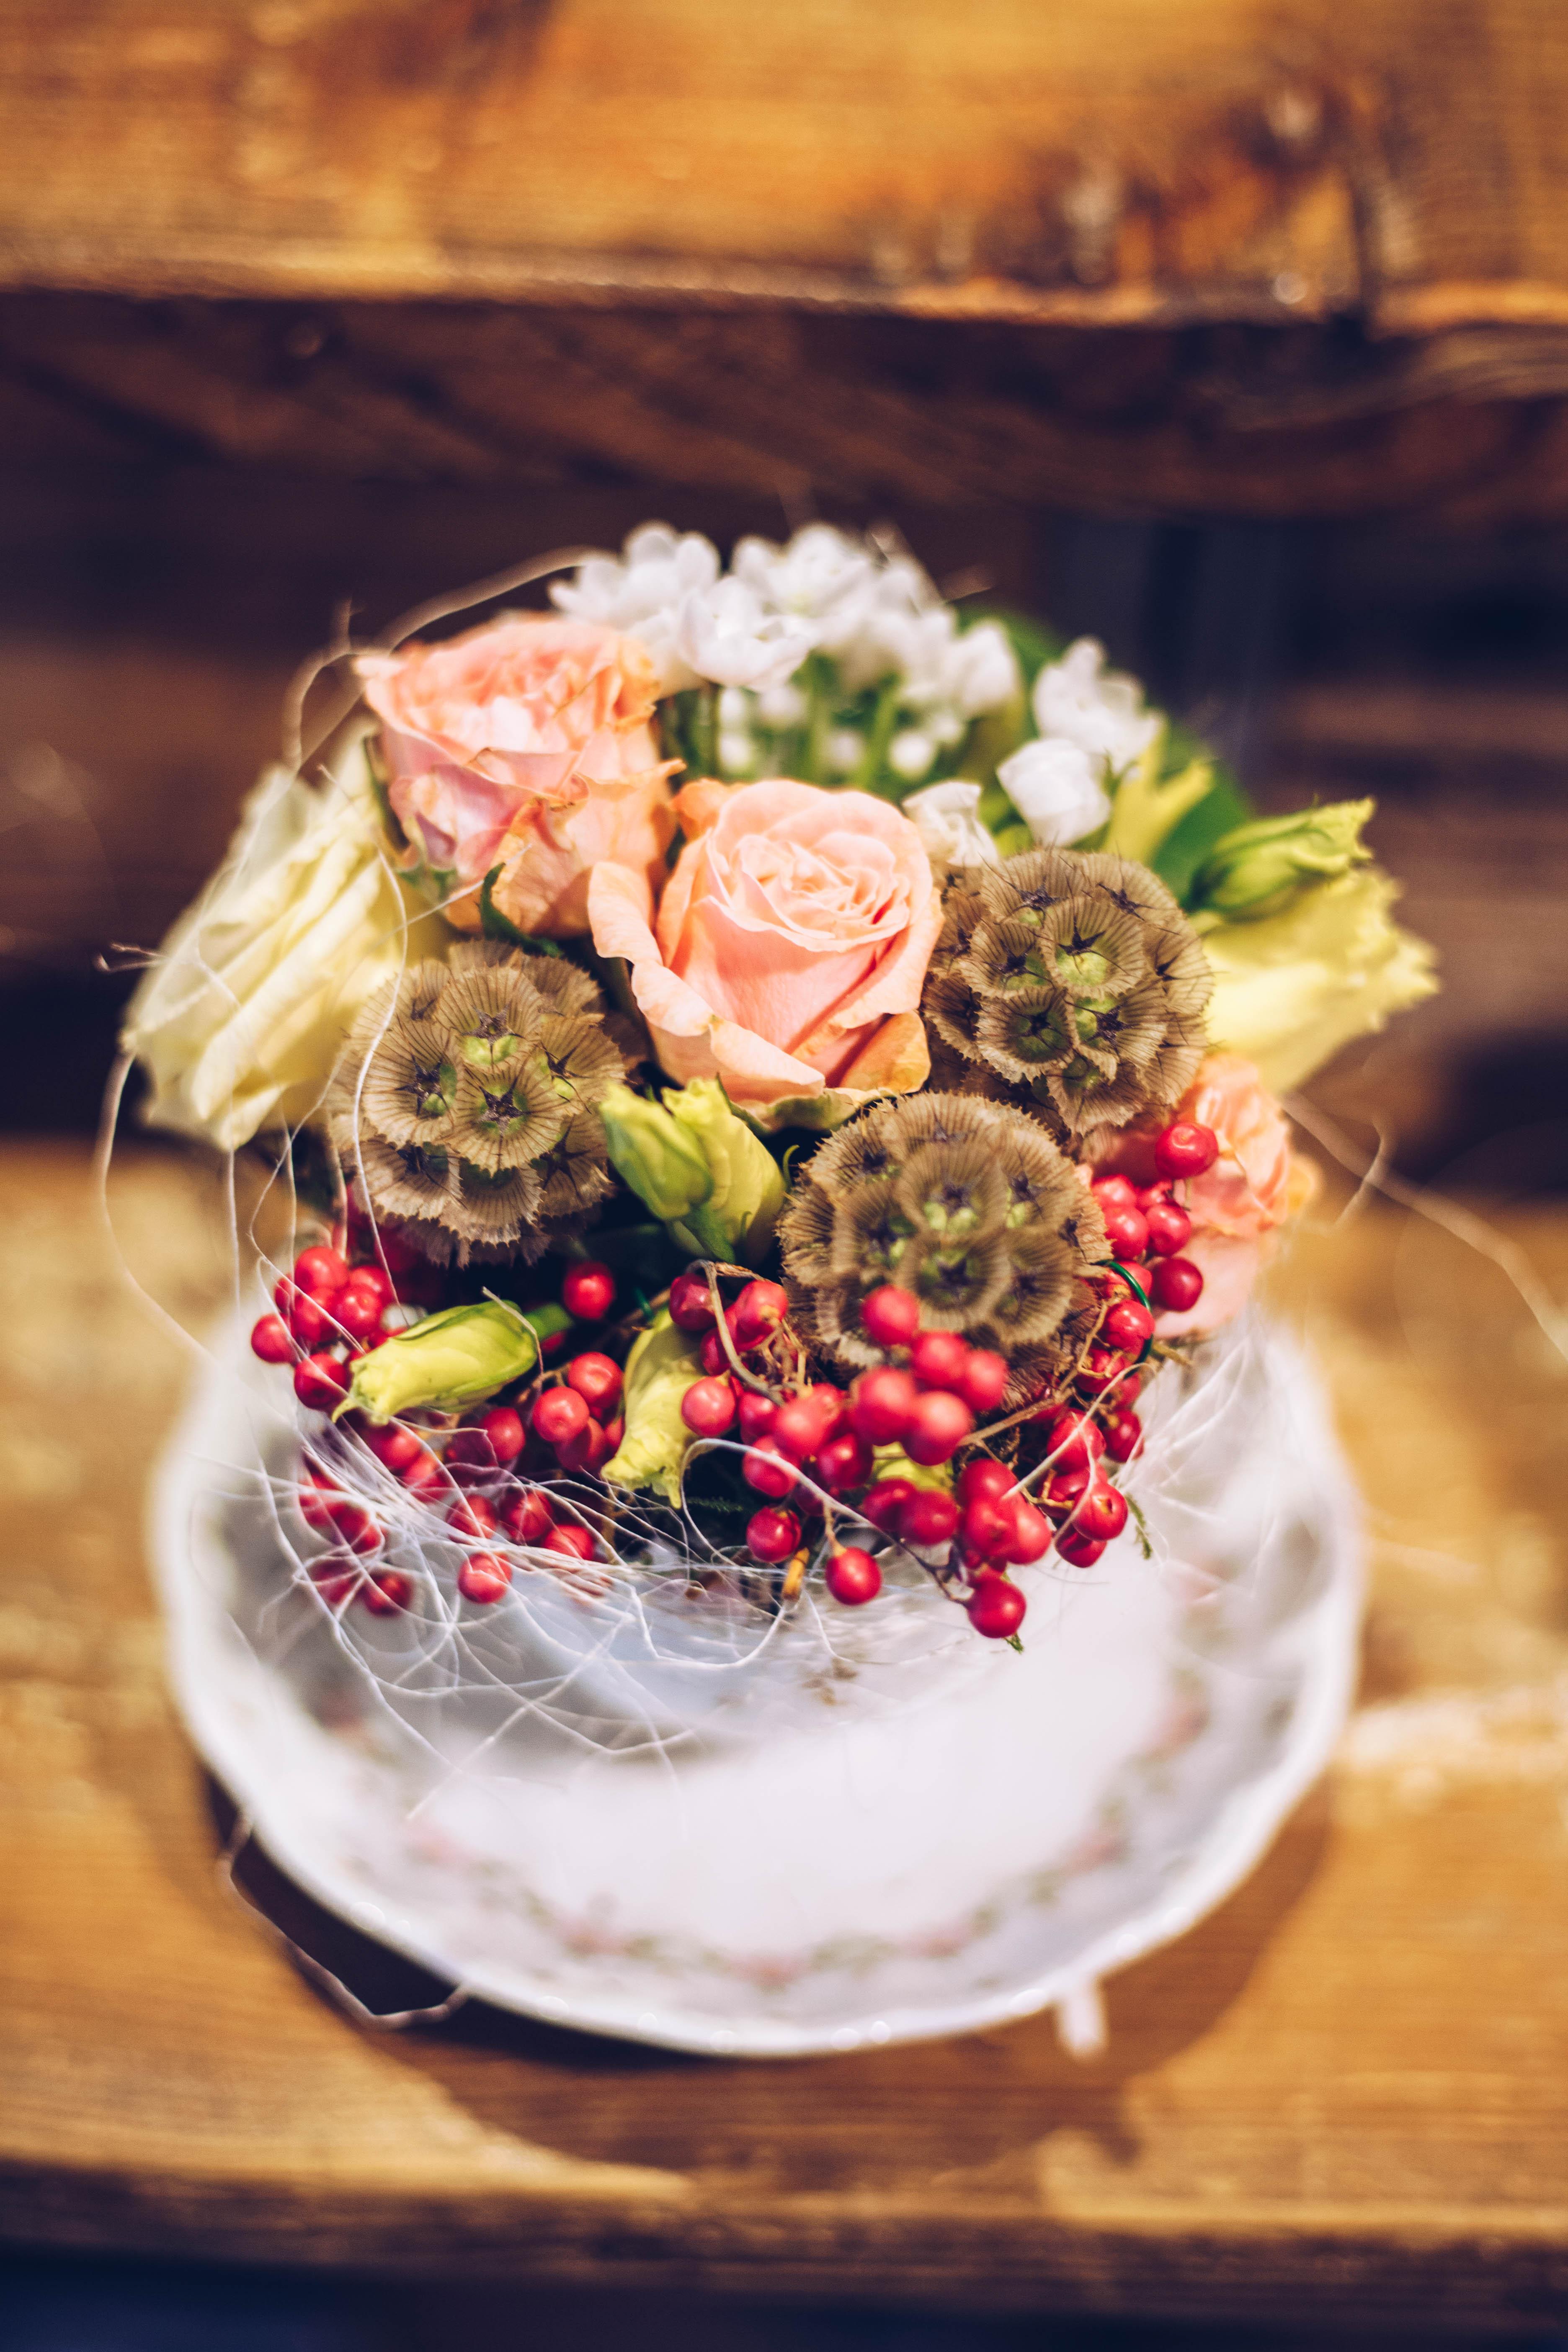 Bei einem Floristik-Workshop im Laden Raumzutat in Kiel zeigt dir Floristin Oleksandra wie du kleine, florale Kunstwerke selbst gestalten kannst.